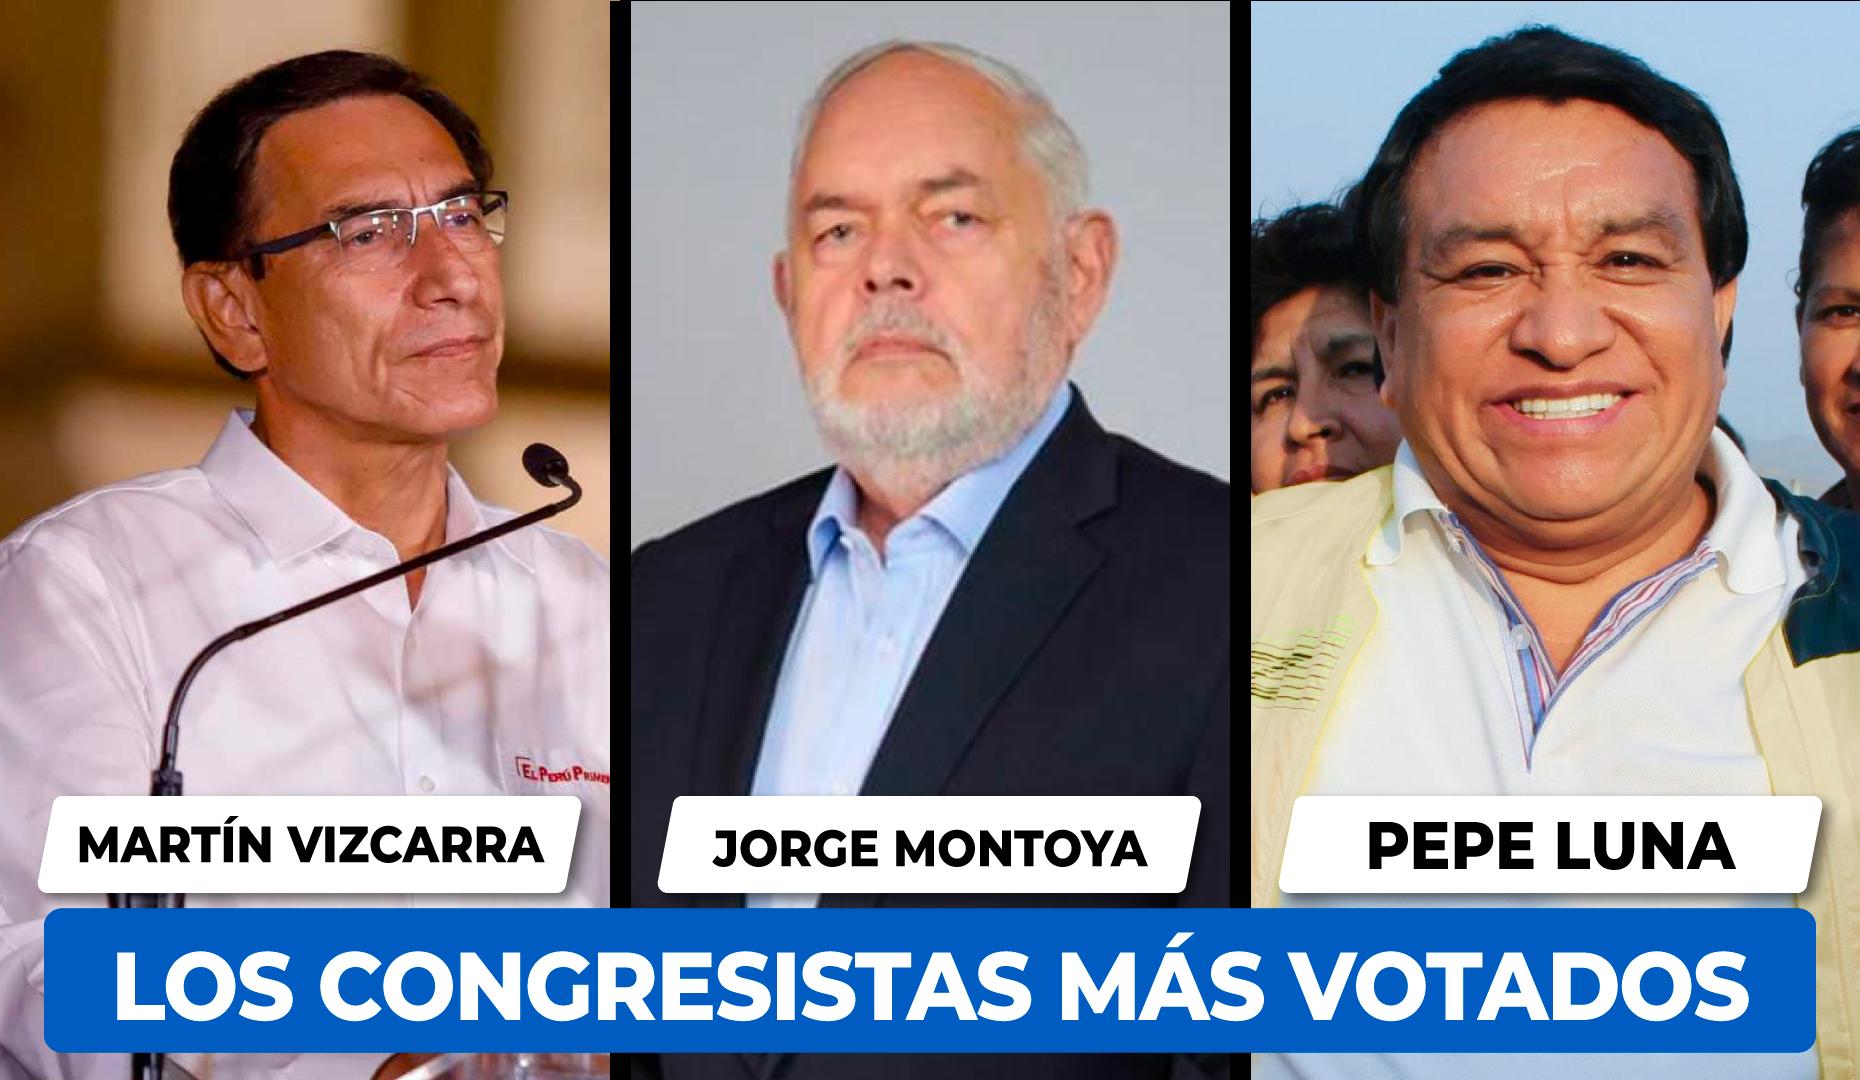 Pepe Luna Congresista más votos